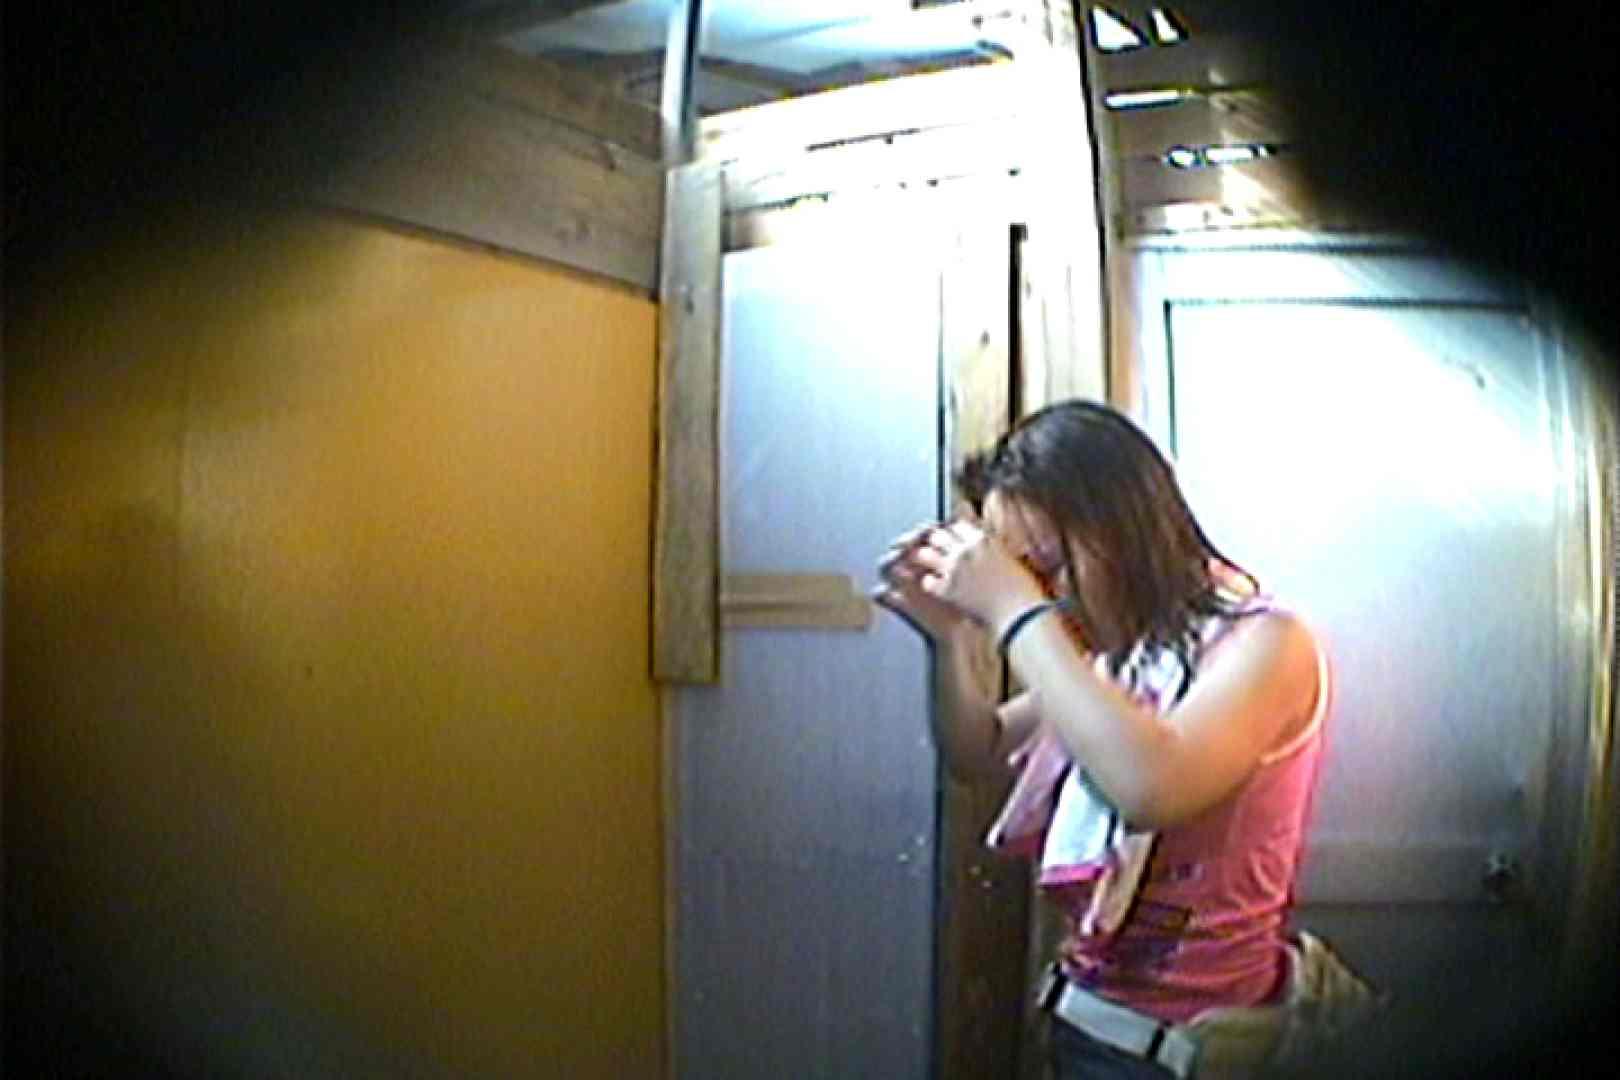 海の家の更衣室 Vol.15 美女  95pic 21